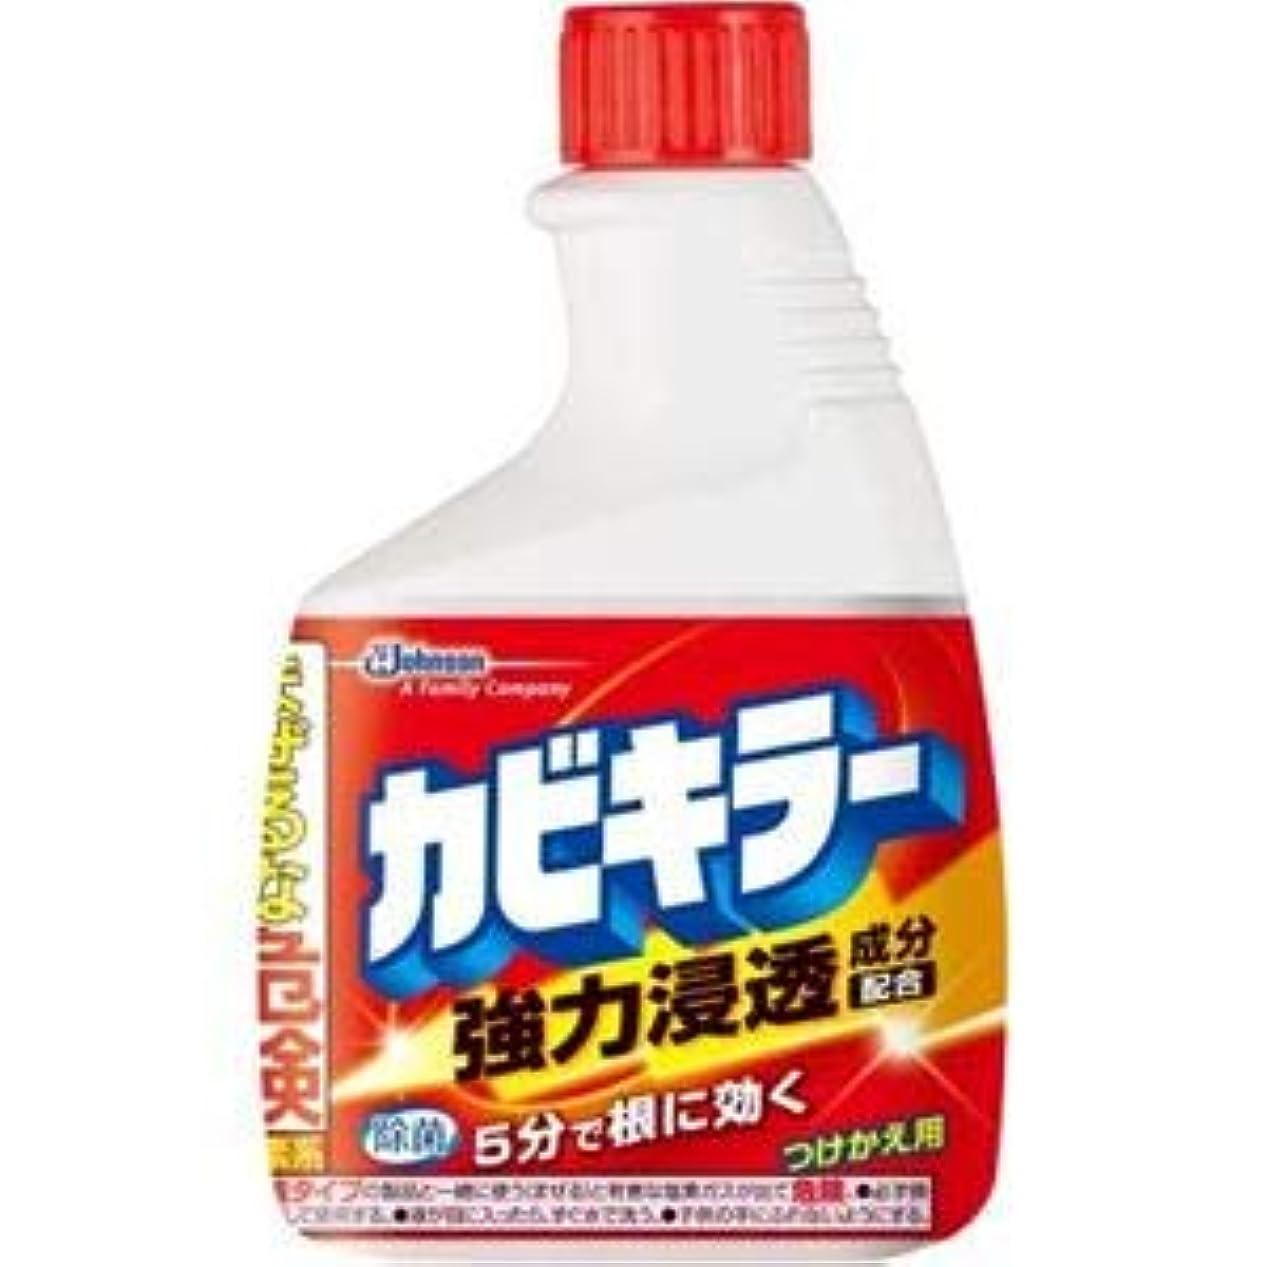 悪魔過度の表面(まとめ)ジョンソン 新カビキラー 替 400G 【×5点セット】